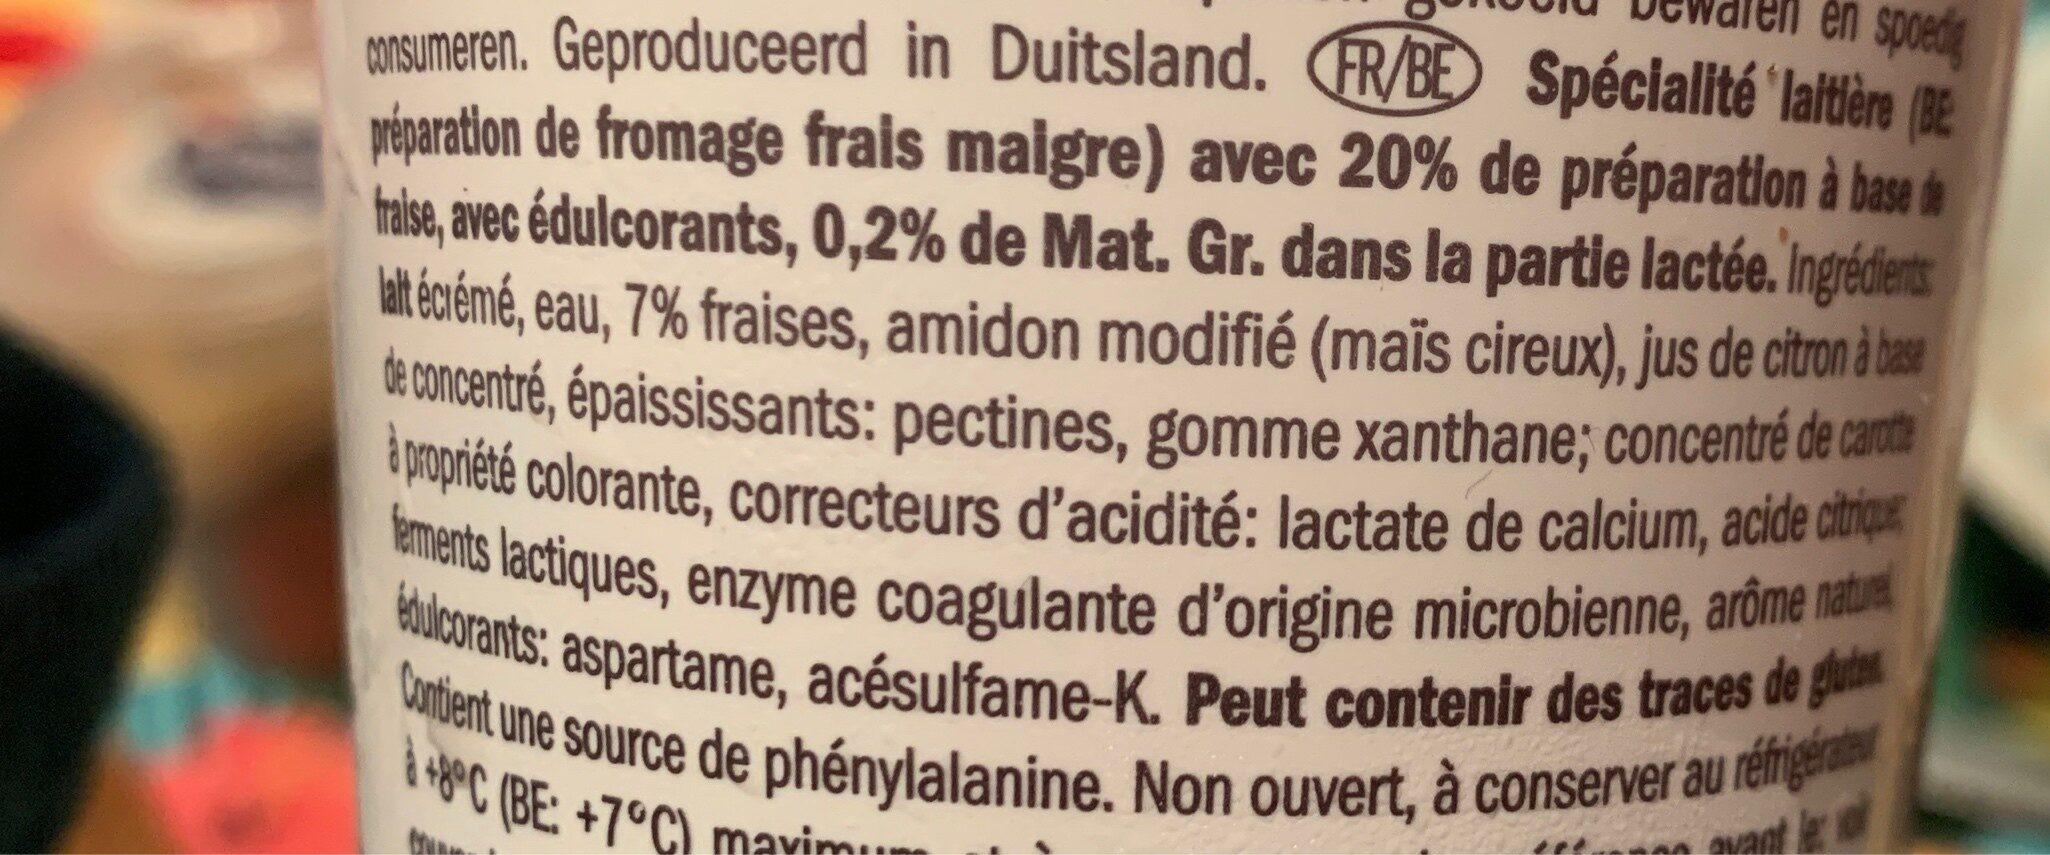 Skyr Erdbeere - Ingrédients - fr